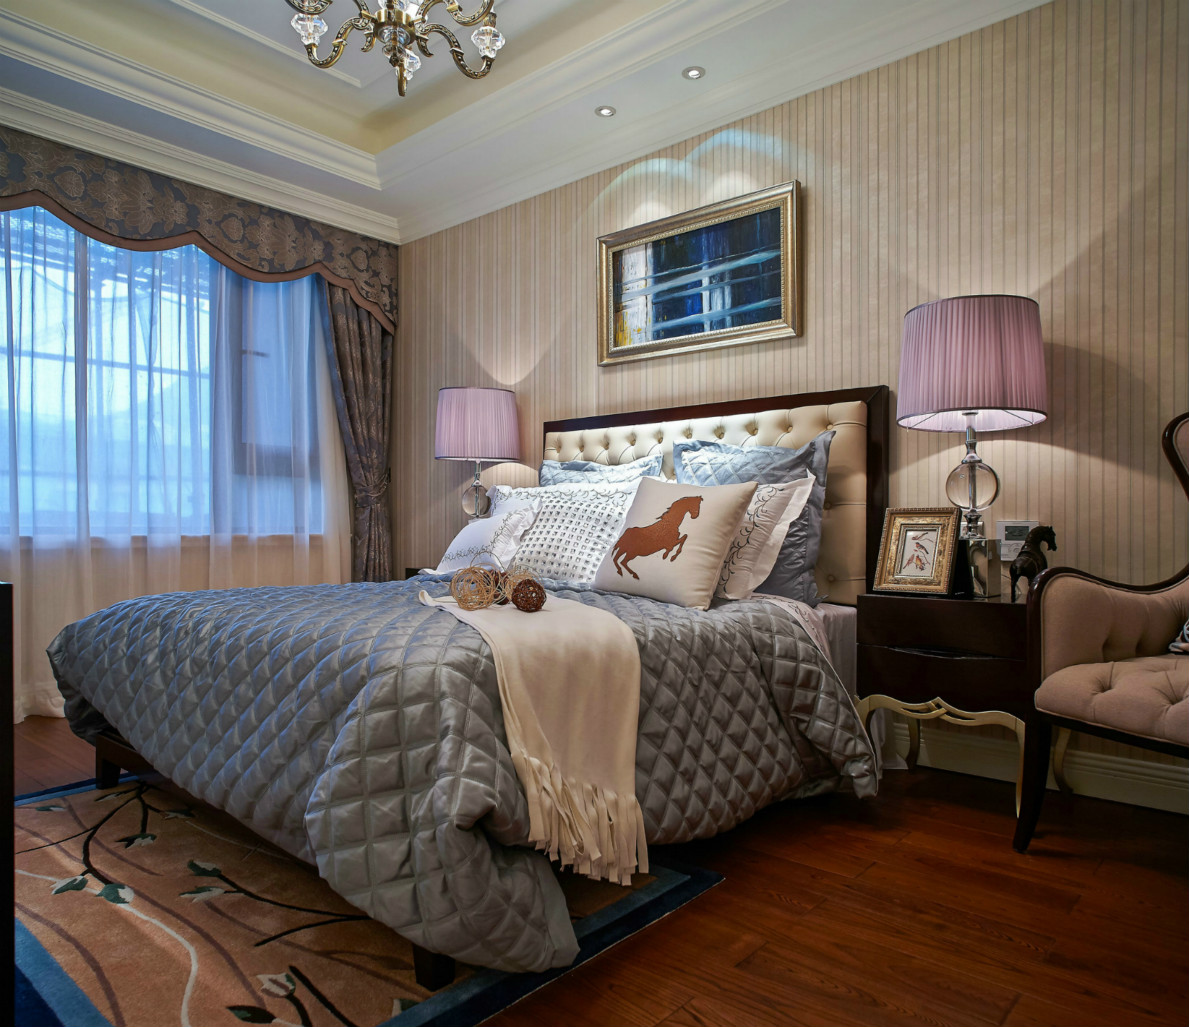 床两边的淡紫色台灯,为卧室增加了一些活泼。